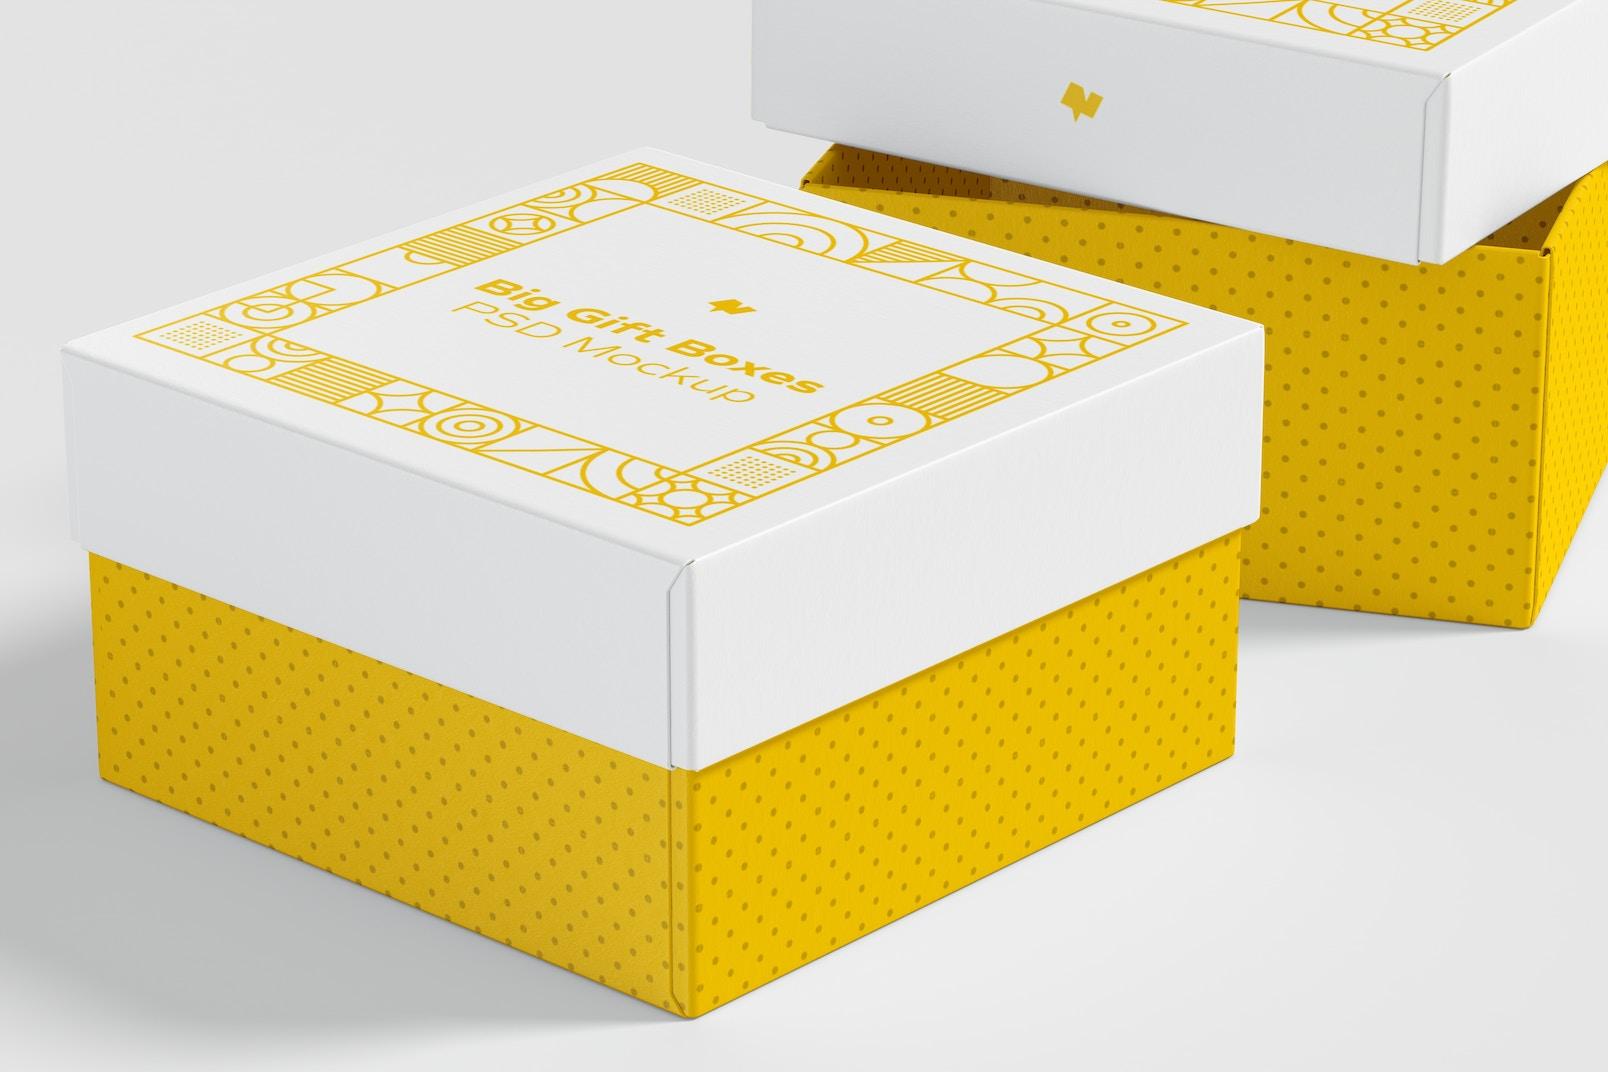 Big Gift Boxes Mockup, Close-Up